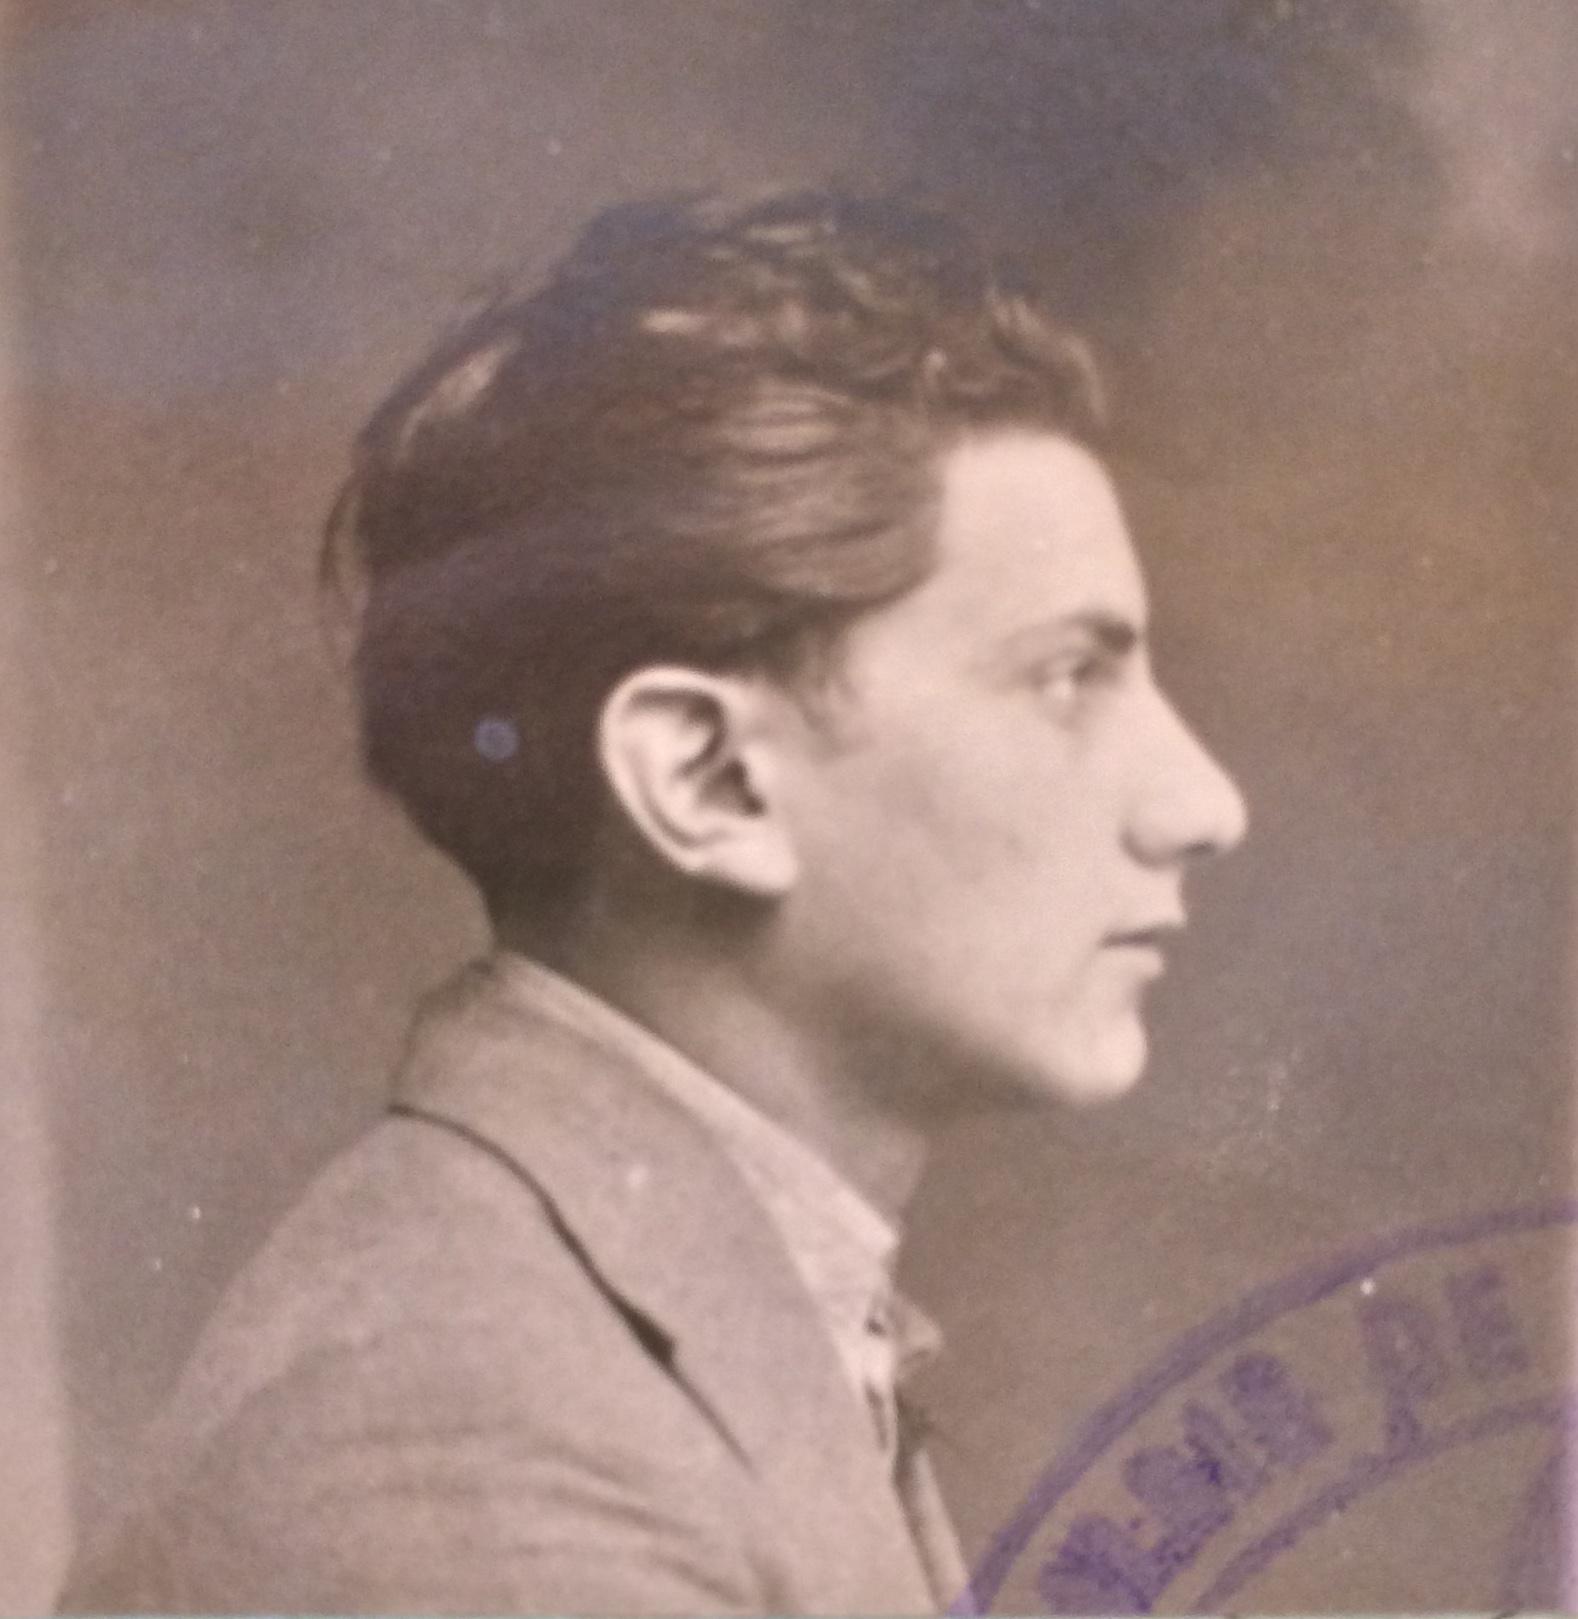 Maurice WEBERSPIEL 1940 [ADML 120W65]